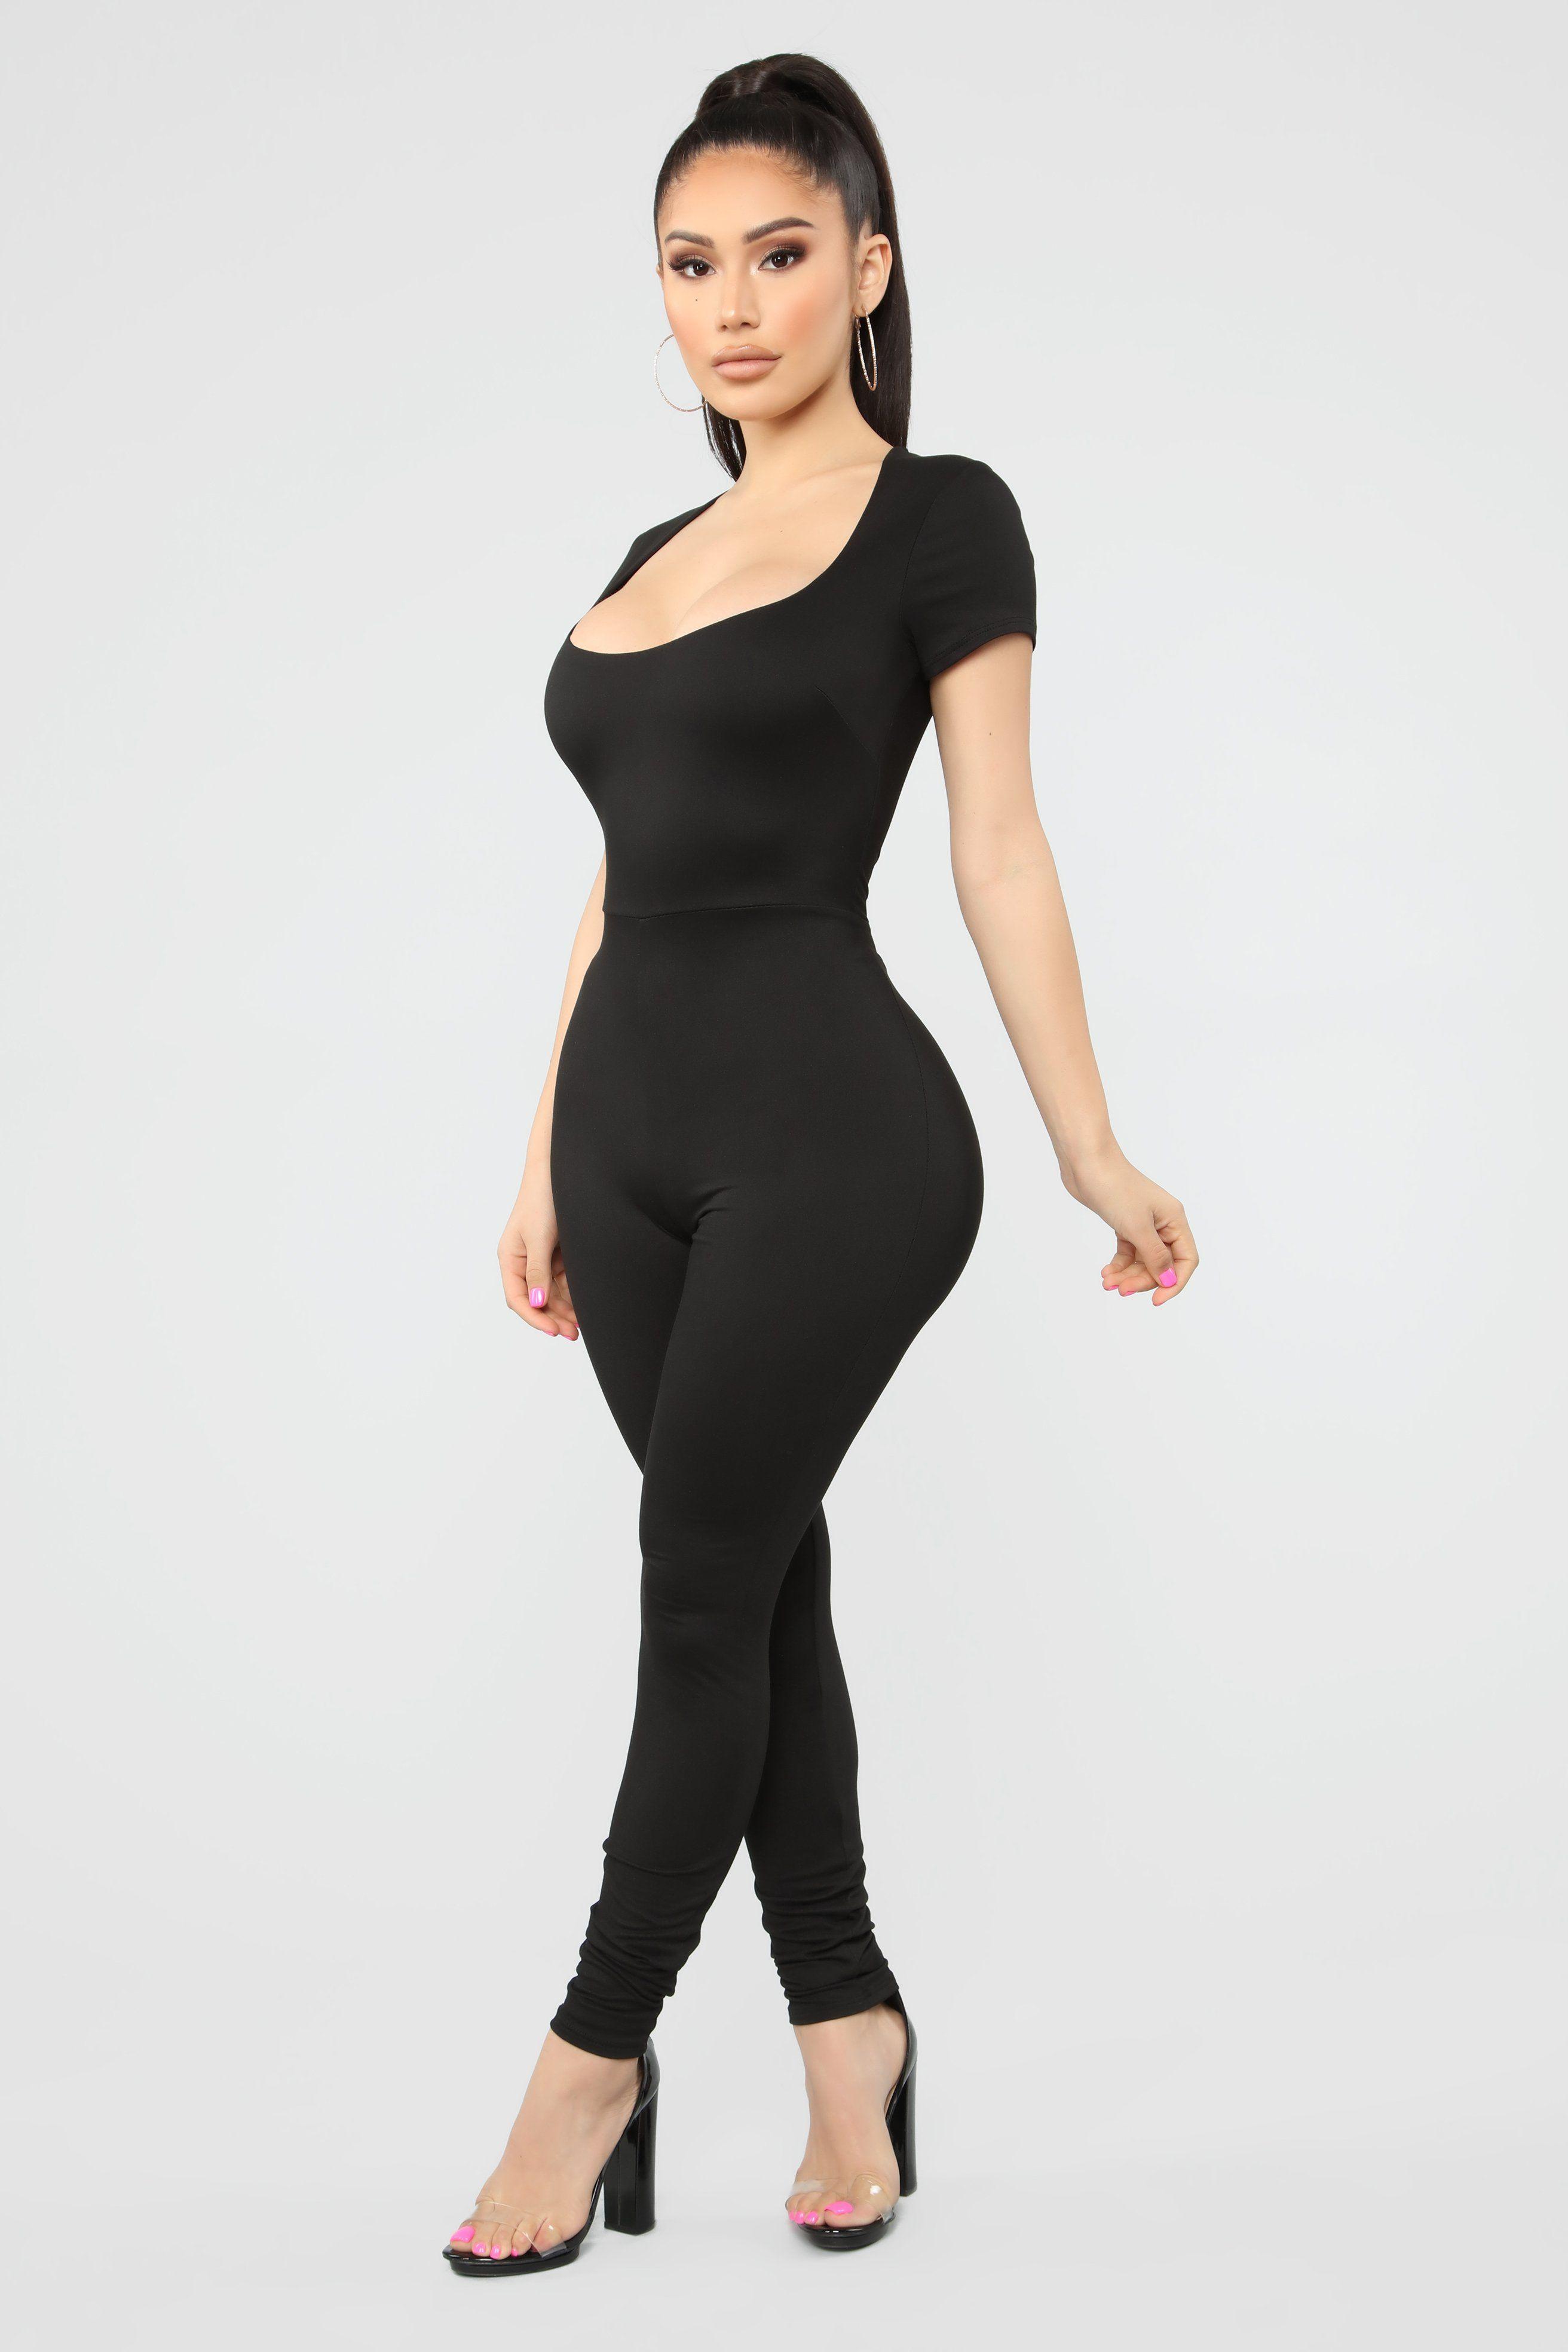 Still The Same Jumpsuit Black Dress Clothes For Women Black Jumpsuit Jumpsuit [ 3936 x 2624 Pixel ]